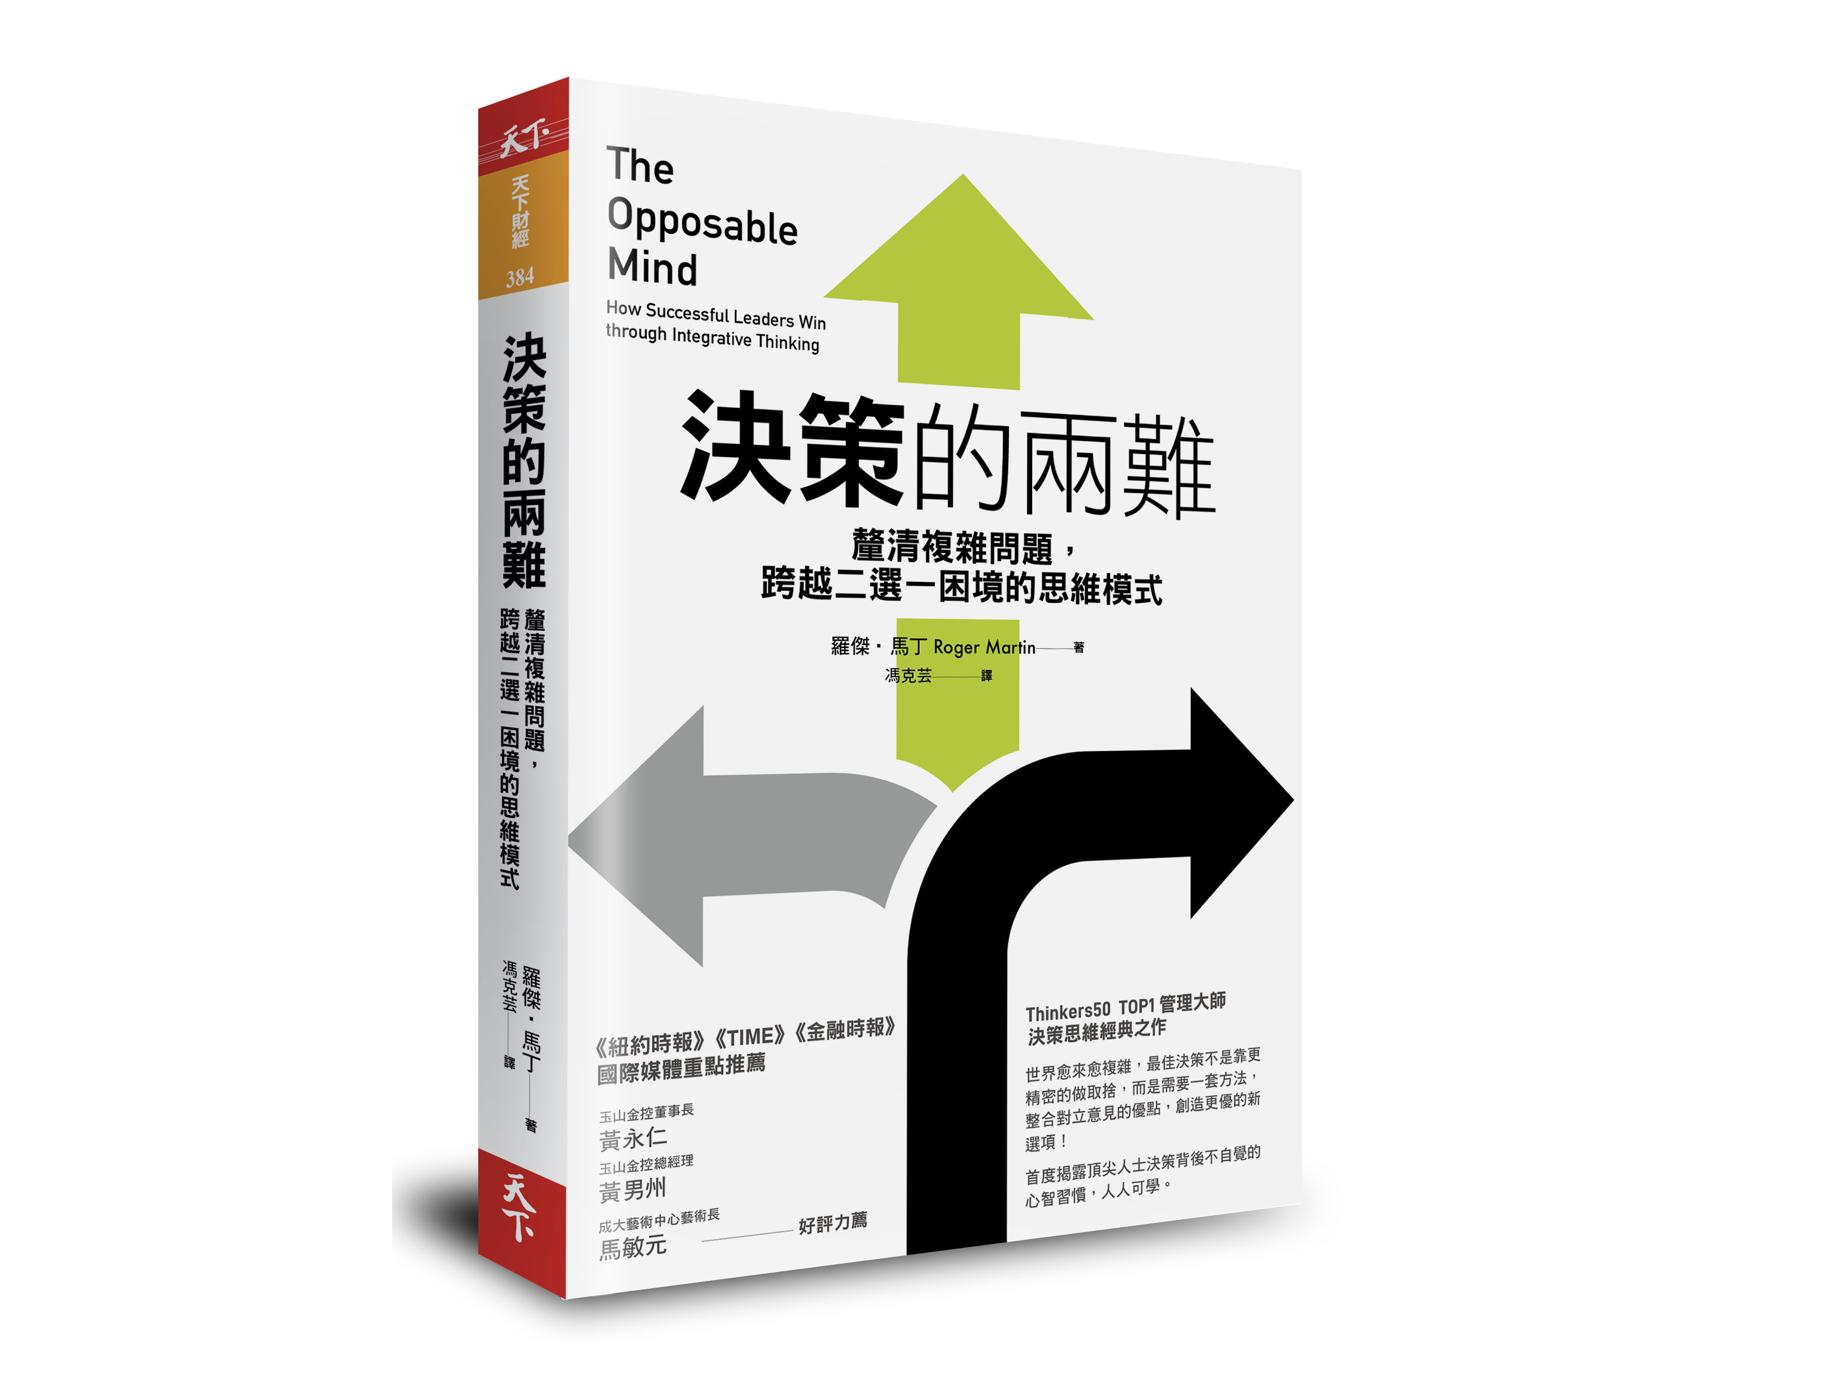 新書搶先看》整合思維,把危機變成轉機的思考模式